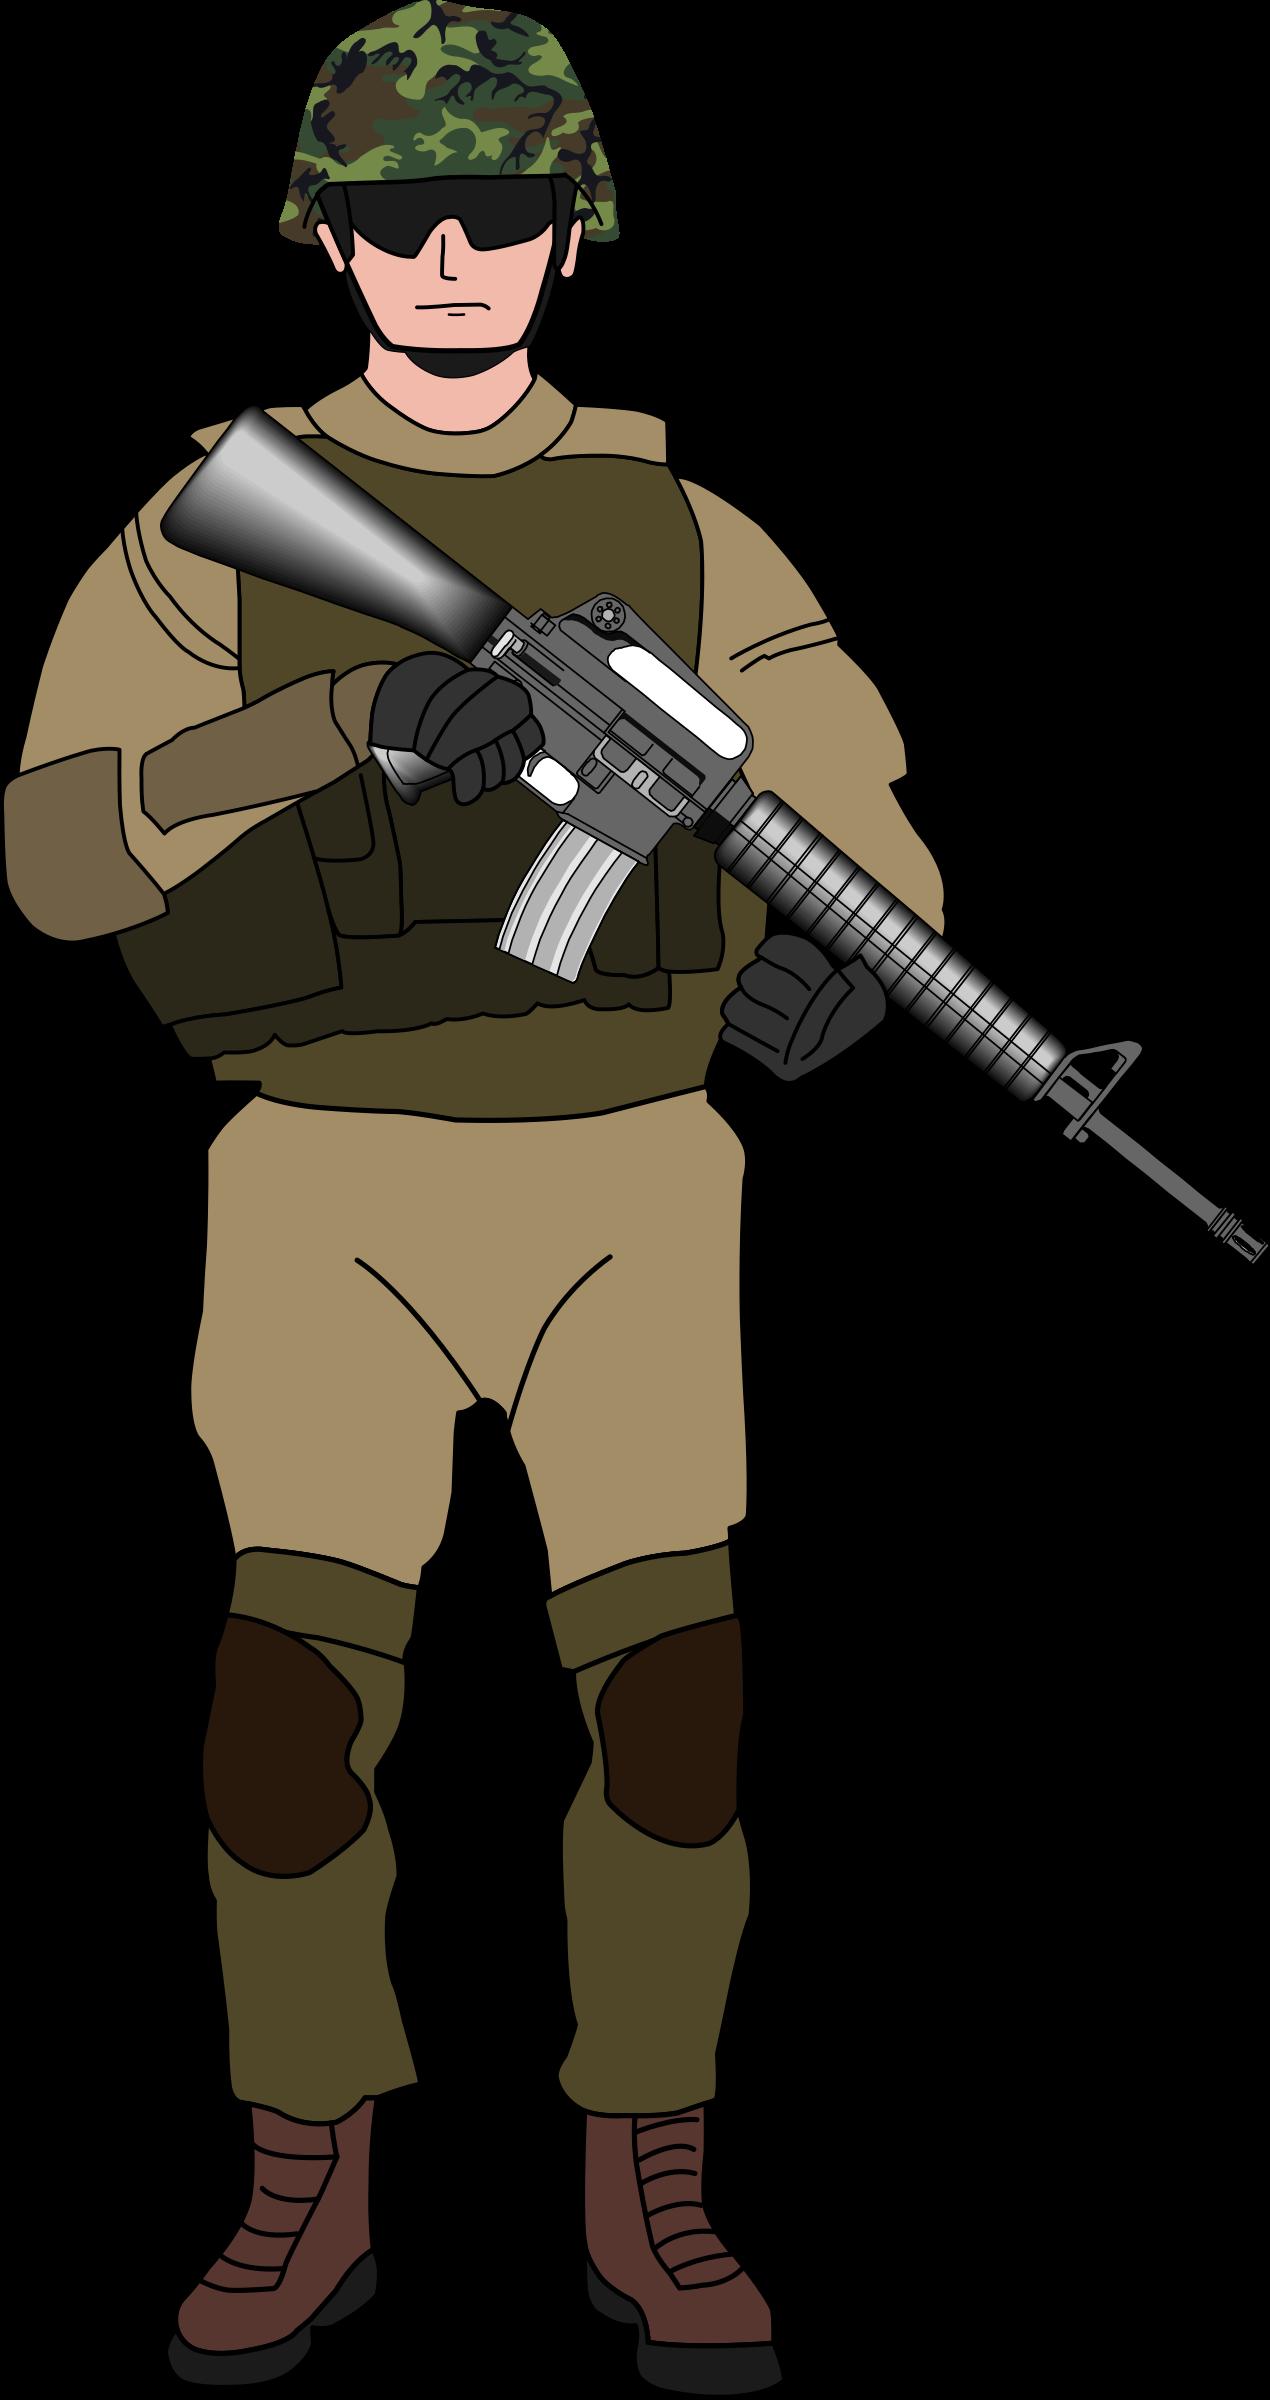 Soldier Transparent PNG - Asker PNG